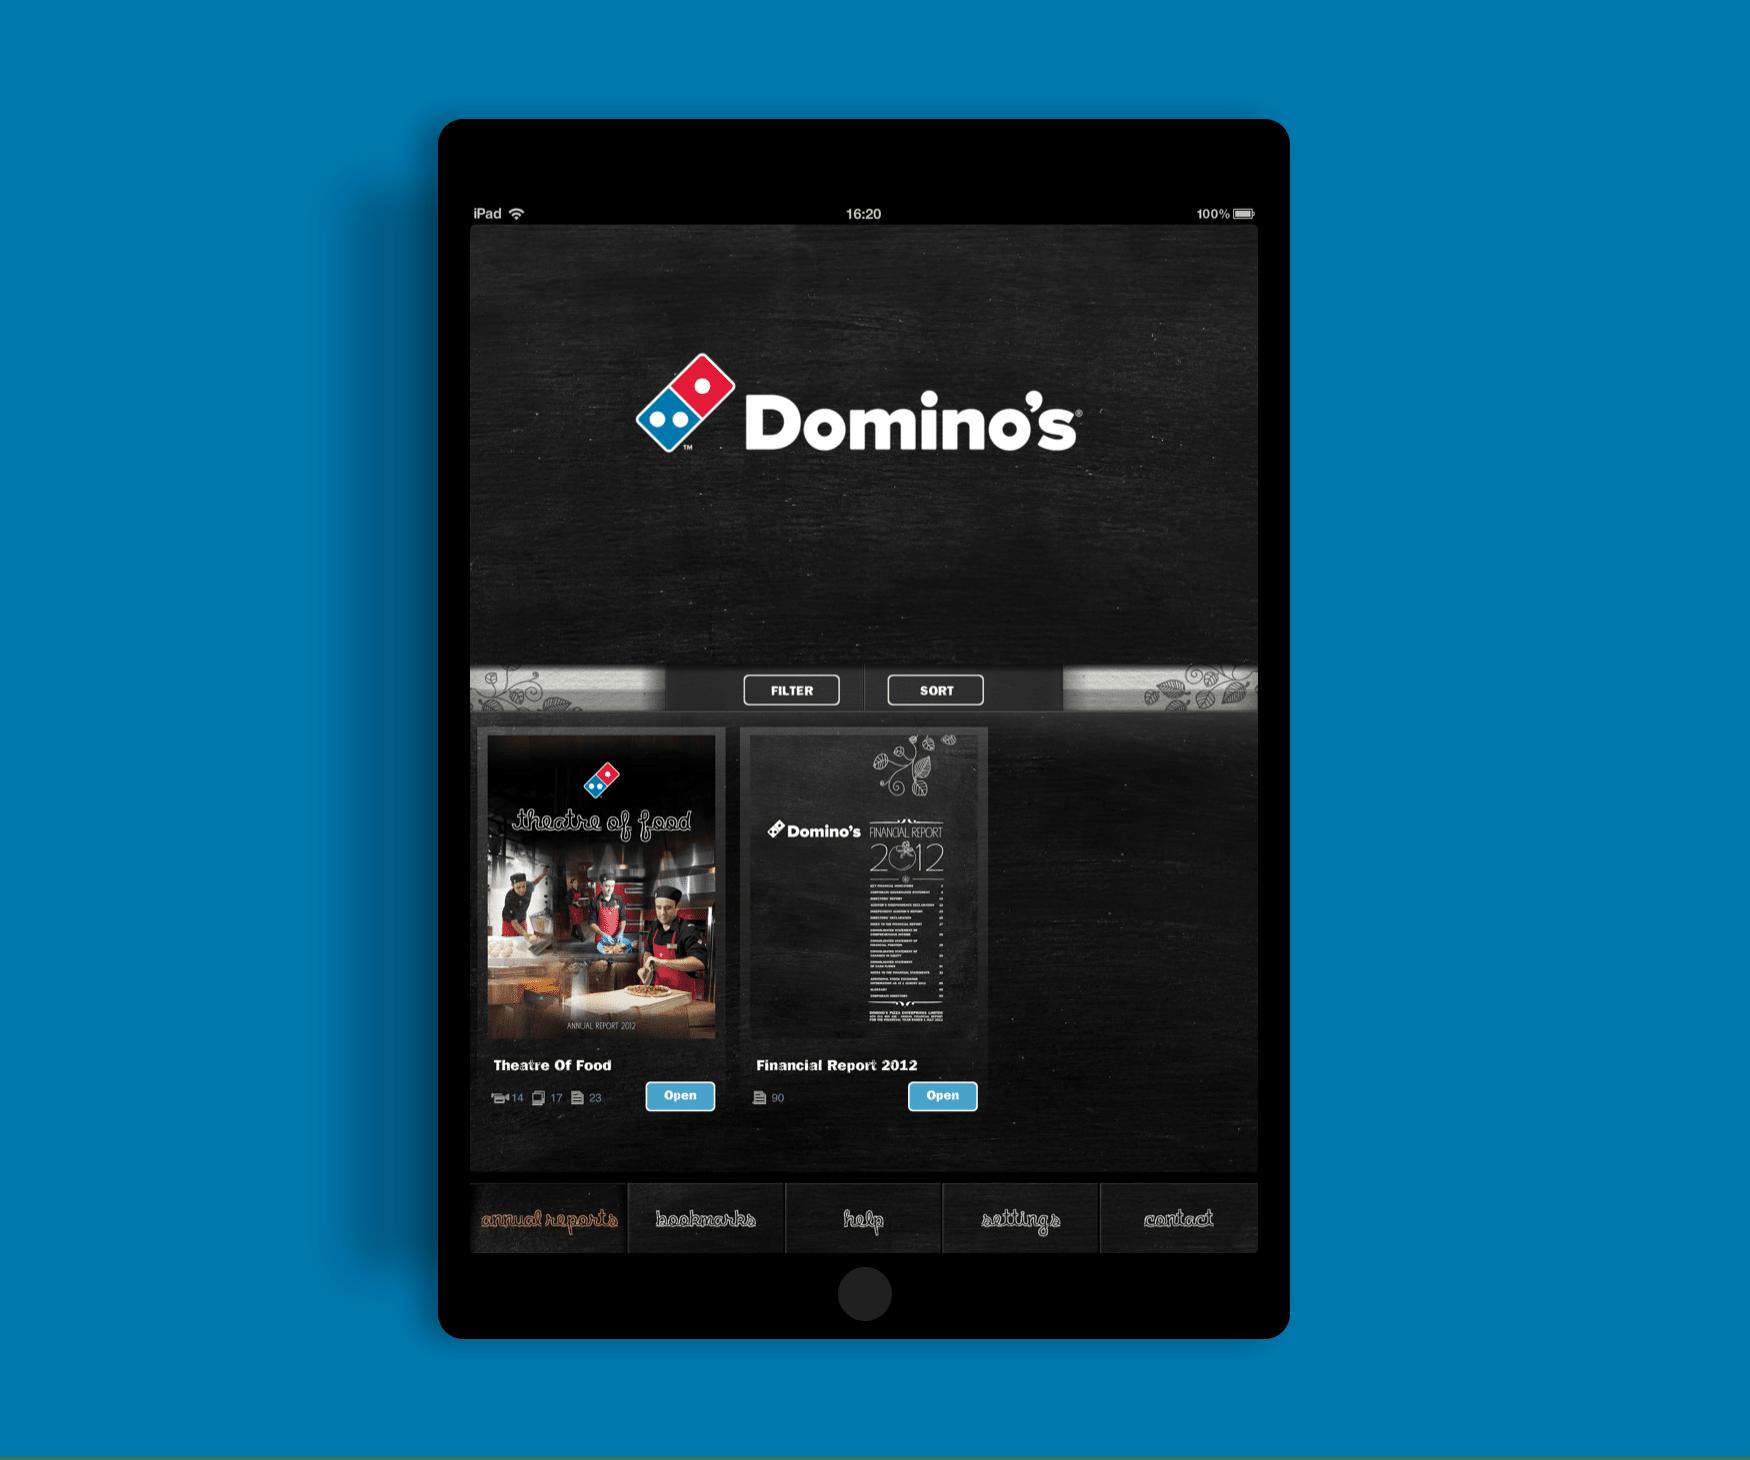 Dominos-iPad-App-Development-001-mobile